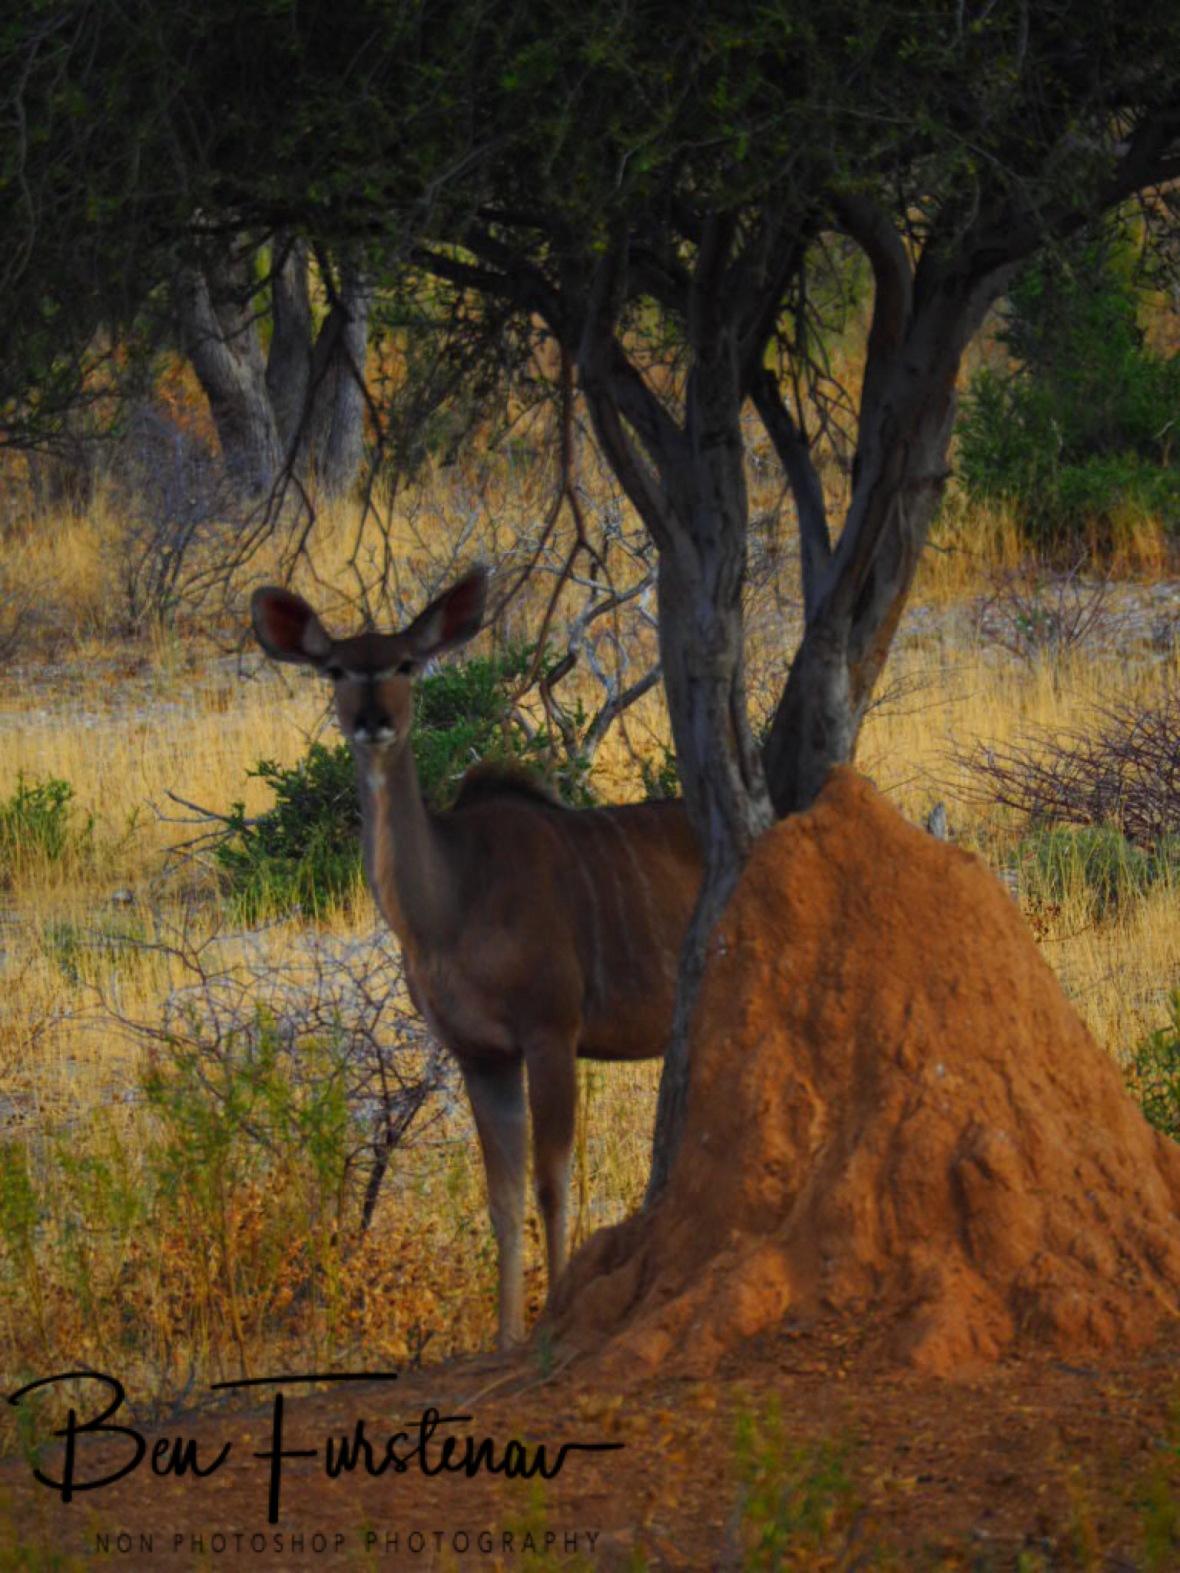 Kudu's curious looks, Sophienhof, Outjo, Namibia